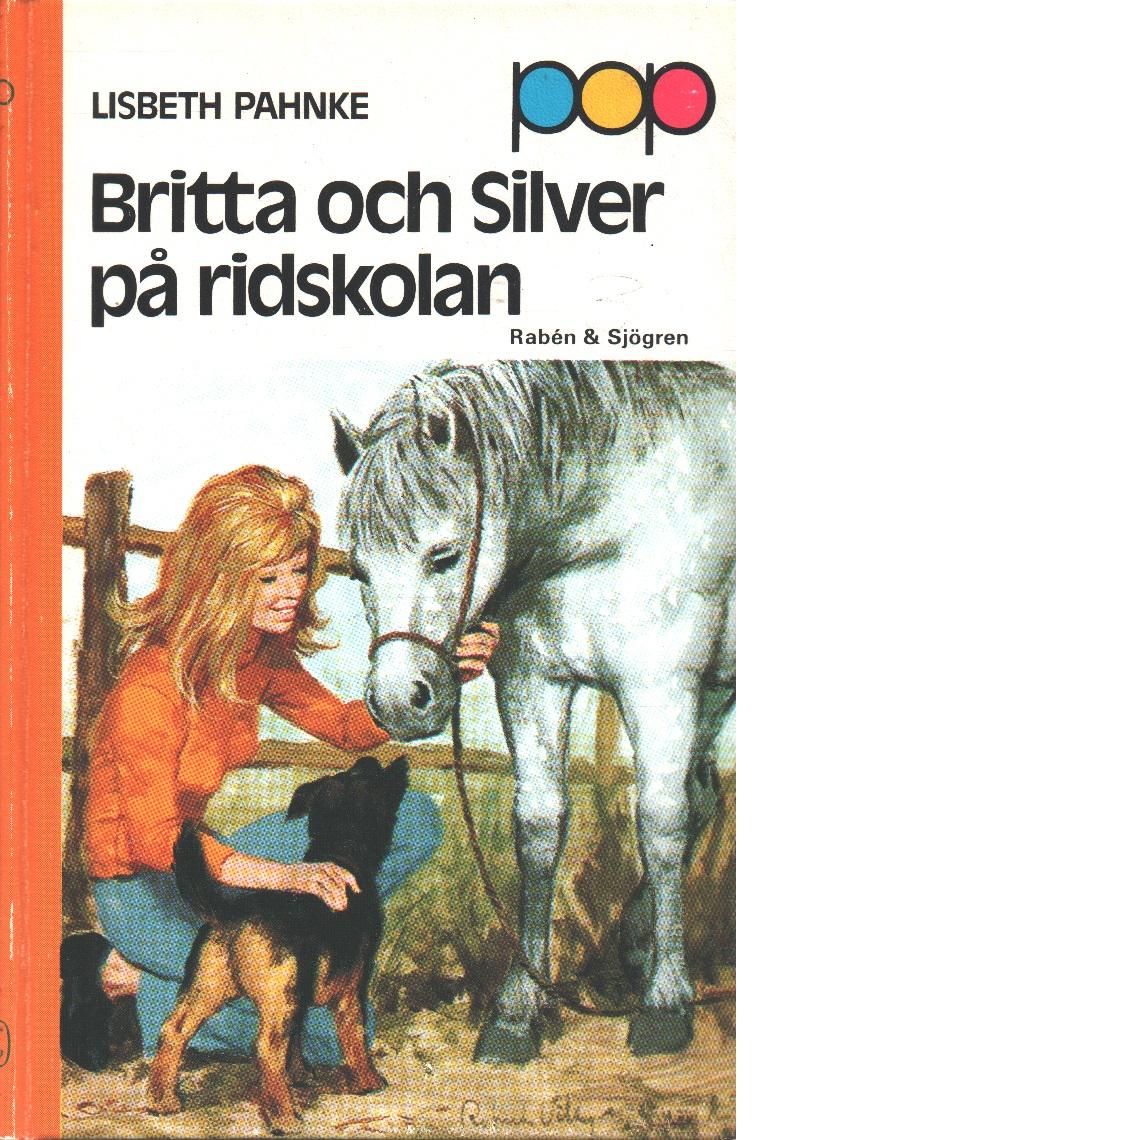 Britta och Silver på ridskolan - Pahnke, Lisbeth